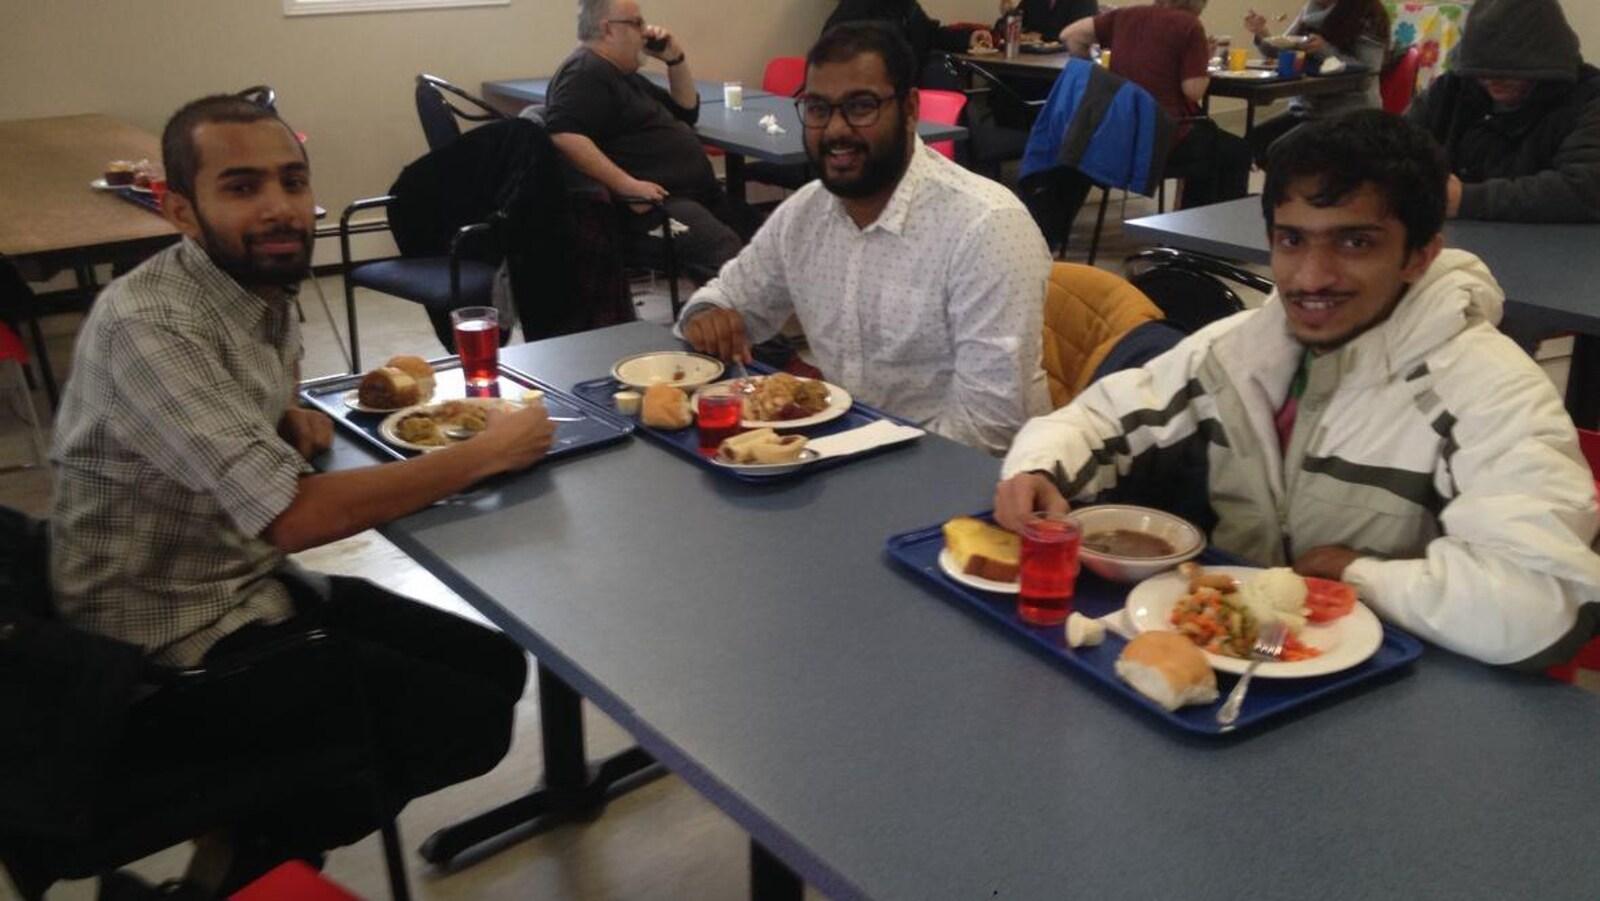 Trois étudiants posés devant leur repas dans une soupe populaire.